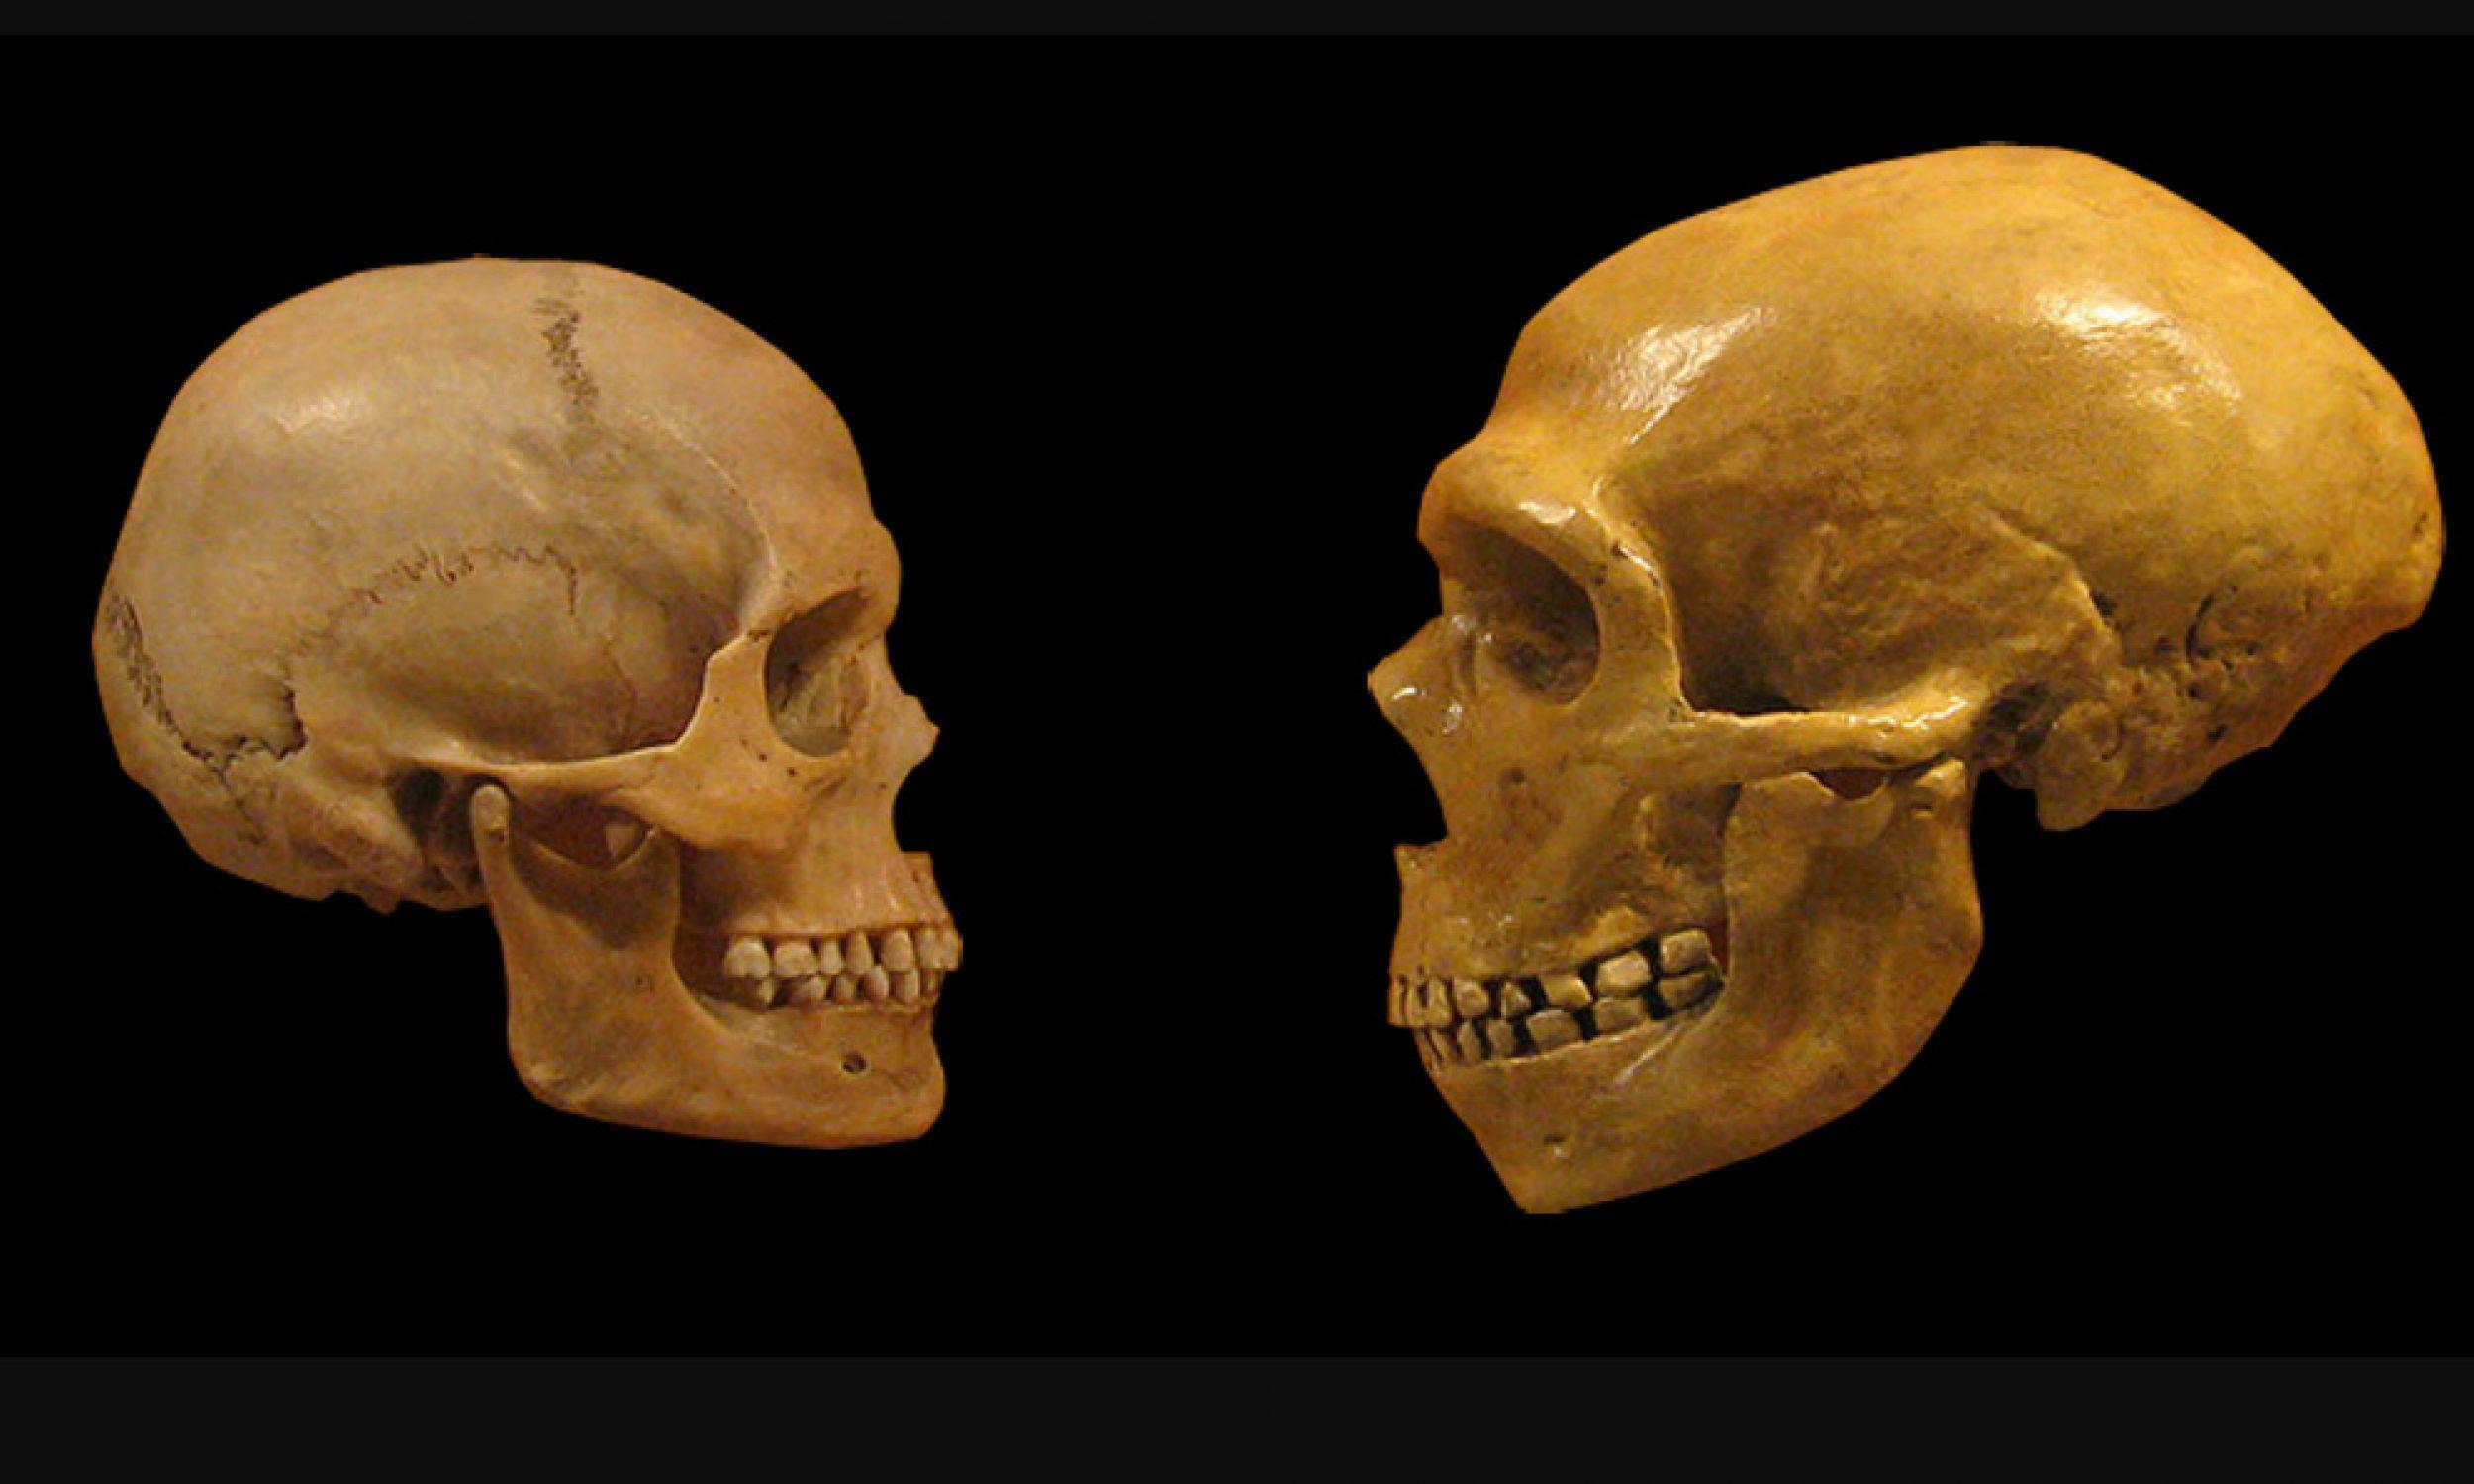 Porównanie czaszek współczesnego człowieka (z lewej) i neandertalczyka, Muzeum Historii Naturalnej w Cleveland, listopad 2008 r. Fot. Wikimedia/Hairymuseummatt (praca oryginalna), DrMikeBaxter (pochodna – czaszki umieszczone na czarnym tle i z usuniętymi adnotacjami) - CC BY-SA 2.0